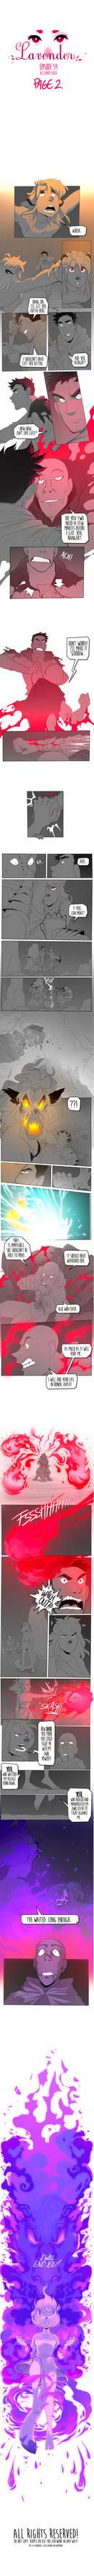 LAV_Episode 59 Part 2